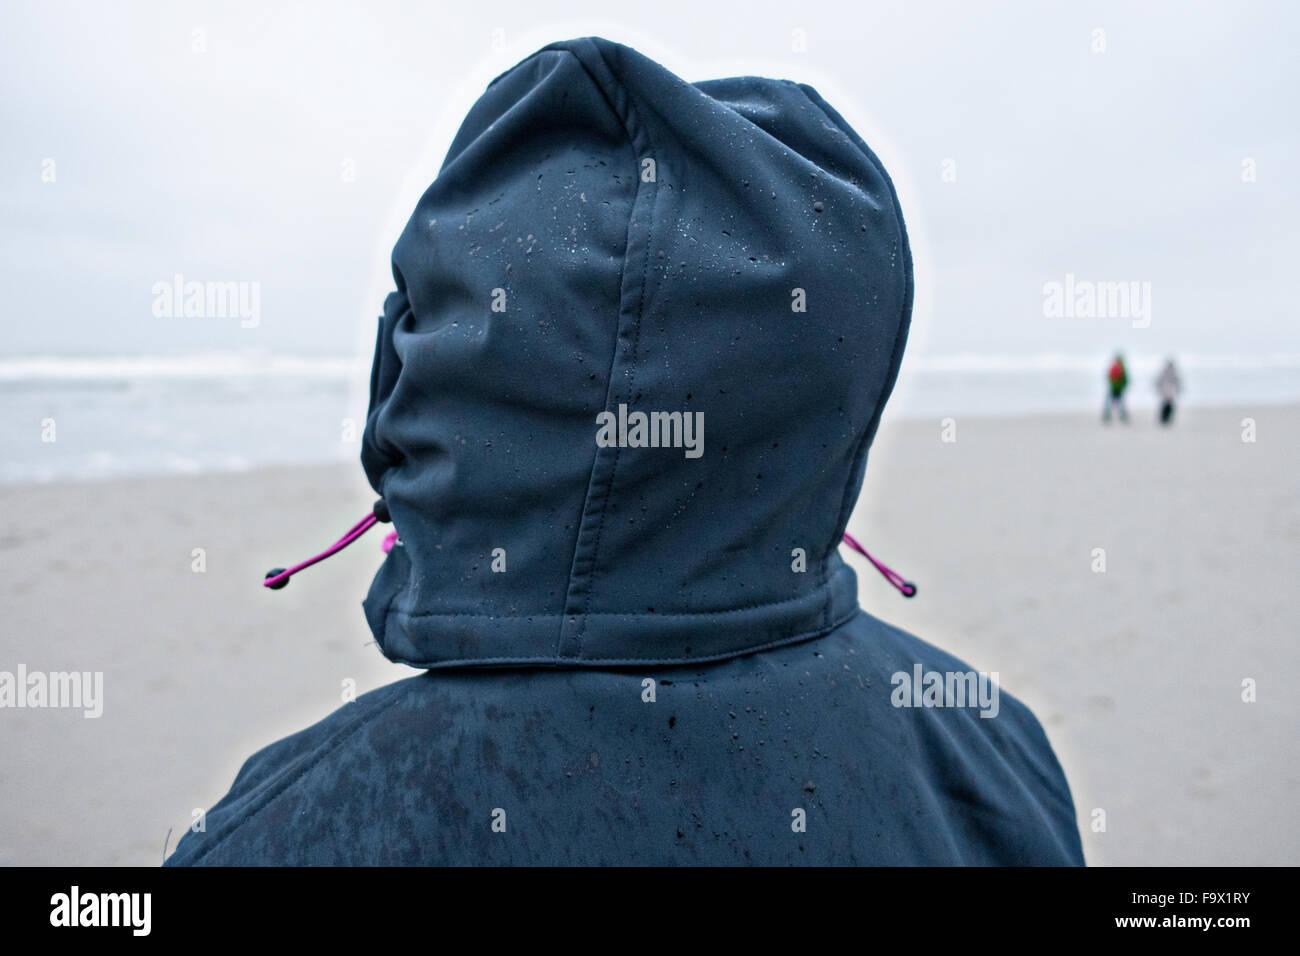 Alemania, Langeoog Isla, persona con capucha húmeda en la playa Imagen De Stock